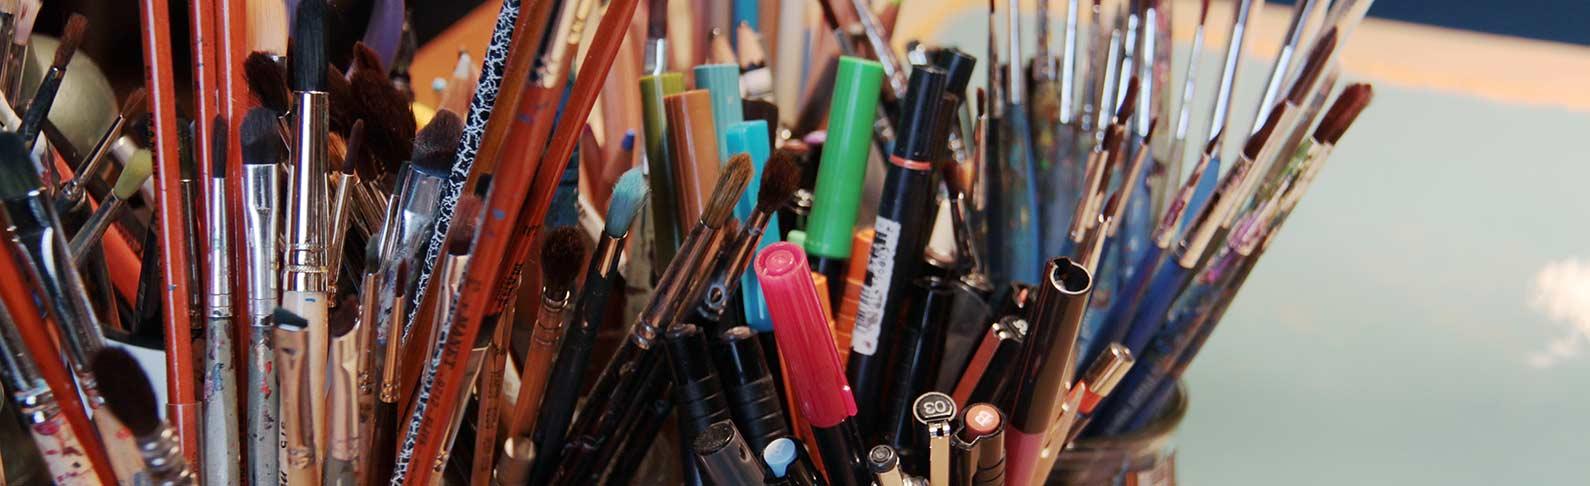 Pinceaux et stylos, peinture et dessin